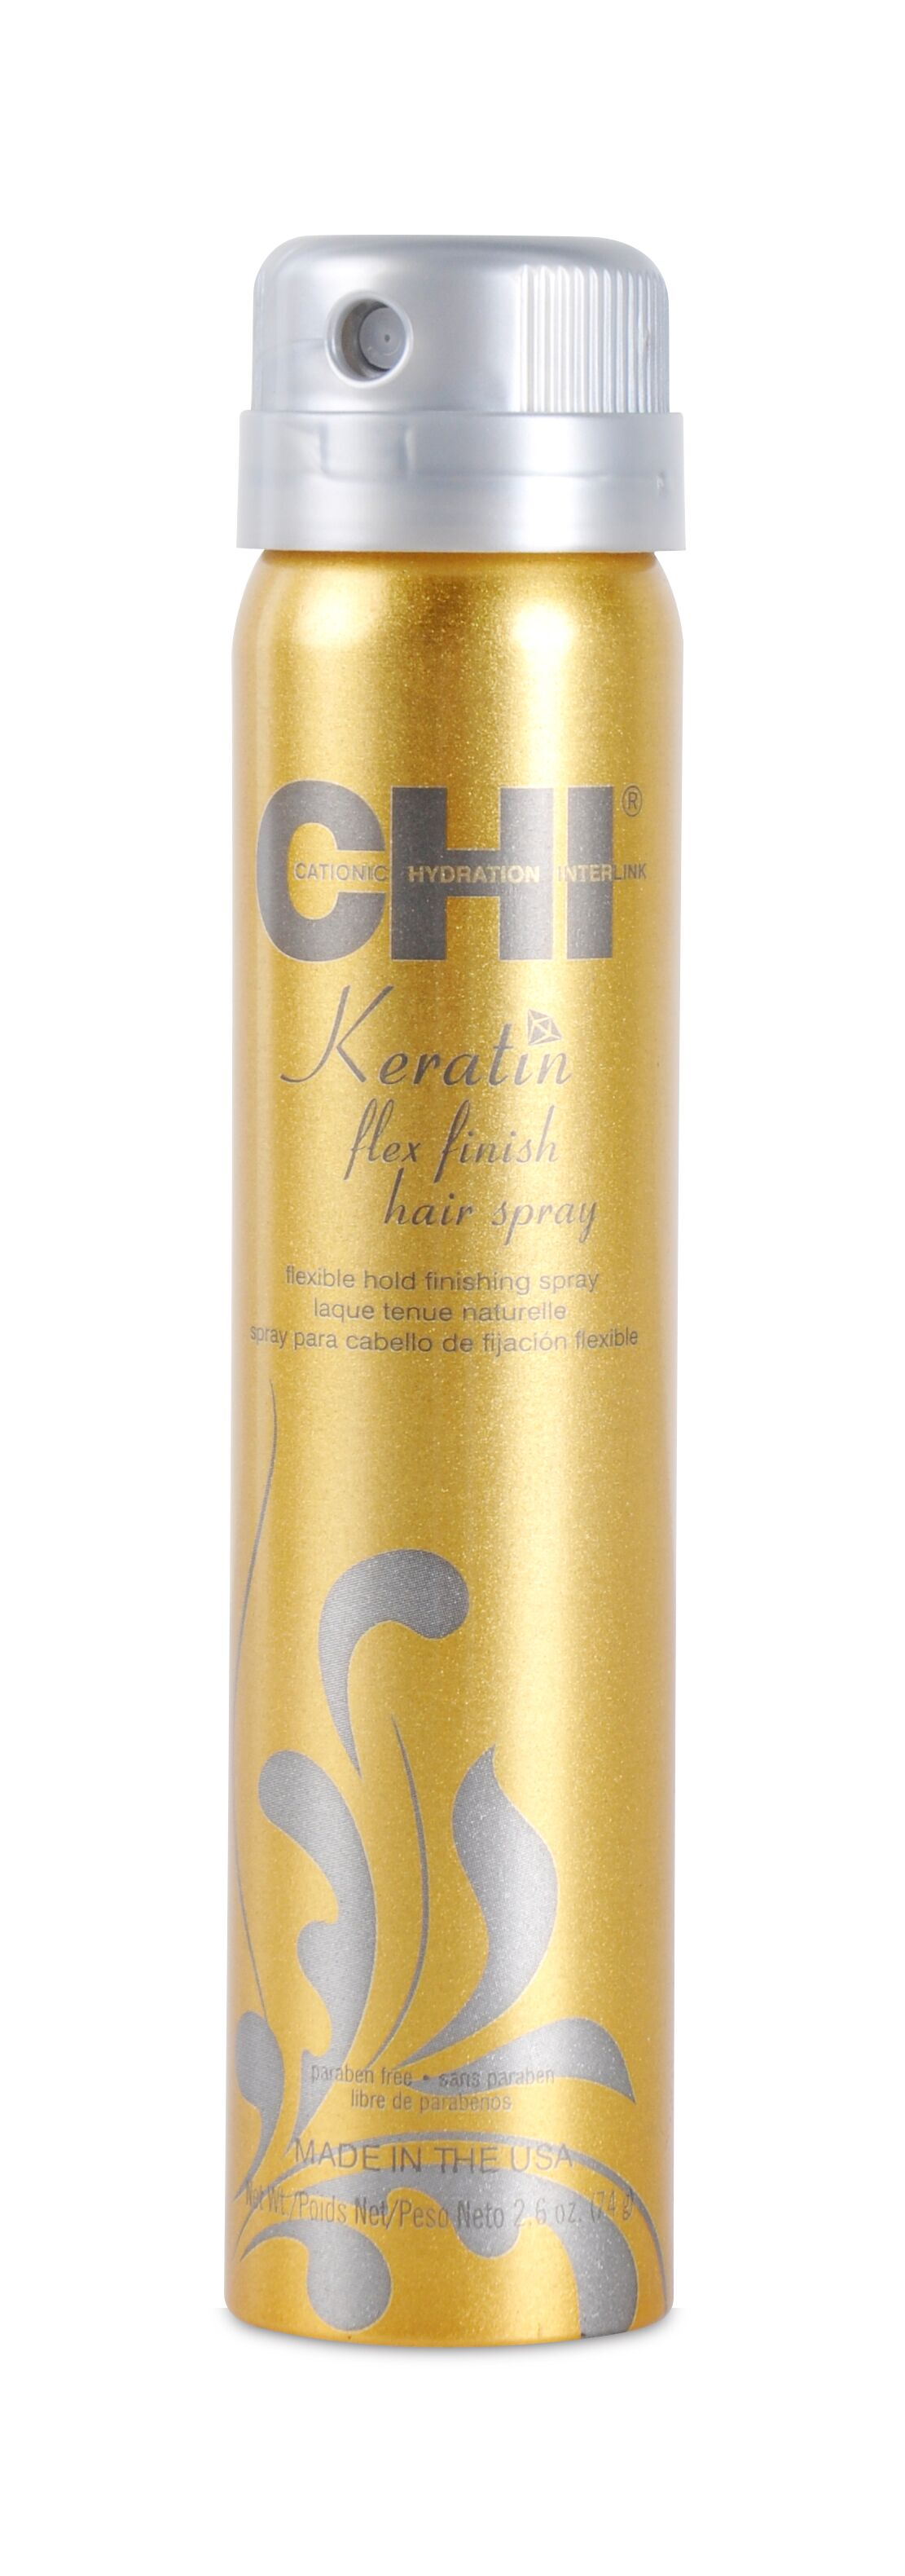 CHI Лак для волос сильной фиксации с кератином 74 грЛаки<br>Укрепляет, разглаживает и уменьшает ломкость структуры волоса. Делает их плотными и гладкими. Подвижная сильная степень фиксации. Активные ингредиенты: гидролизованный шёлк, масло Арганы, масло Жожоба, запатентованный комплекс Keratrix, молекулы семян рожкового дерева<br>